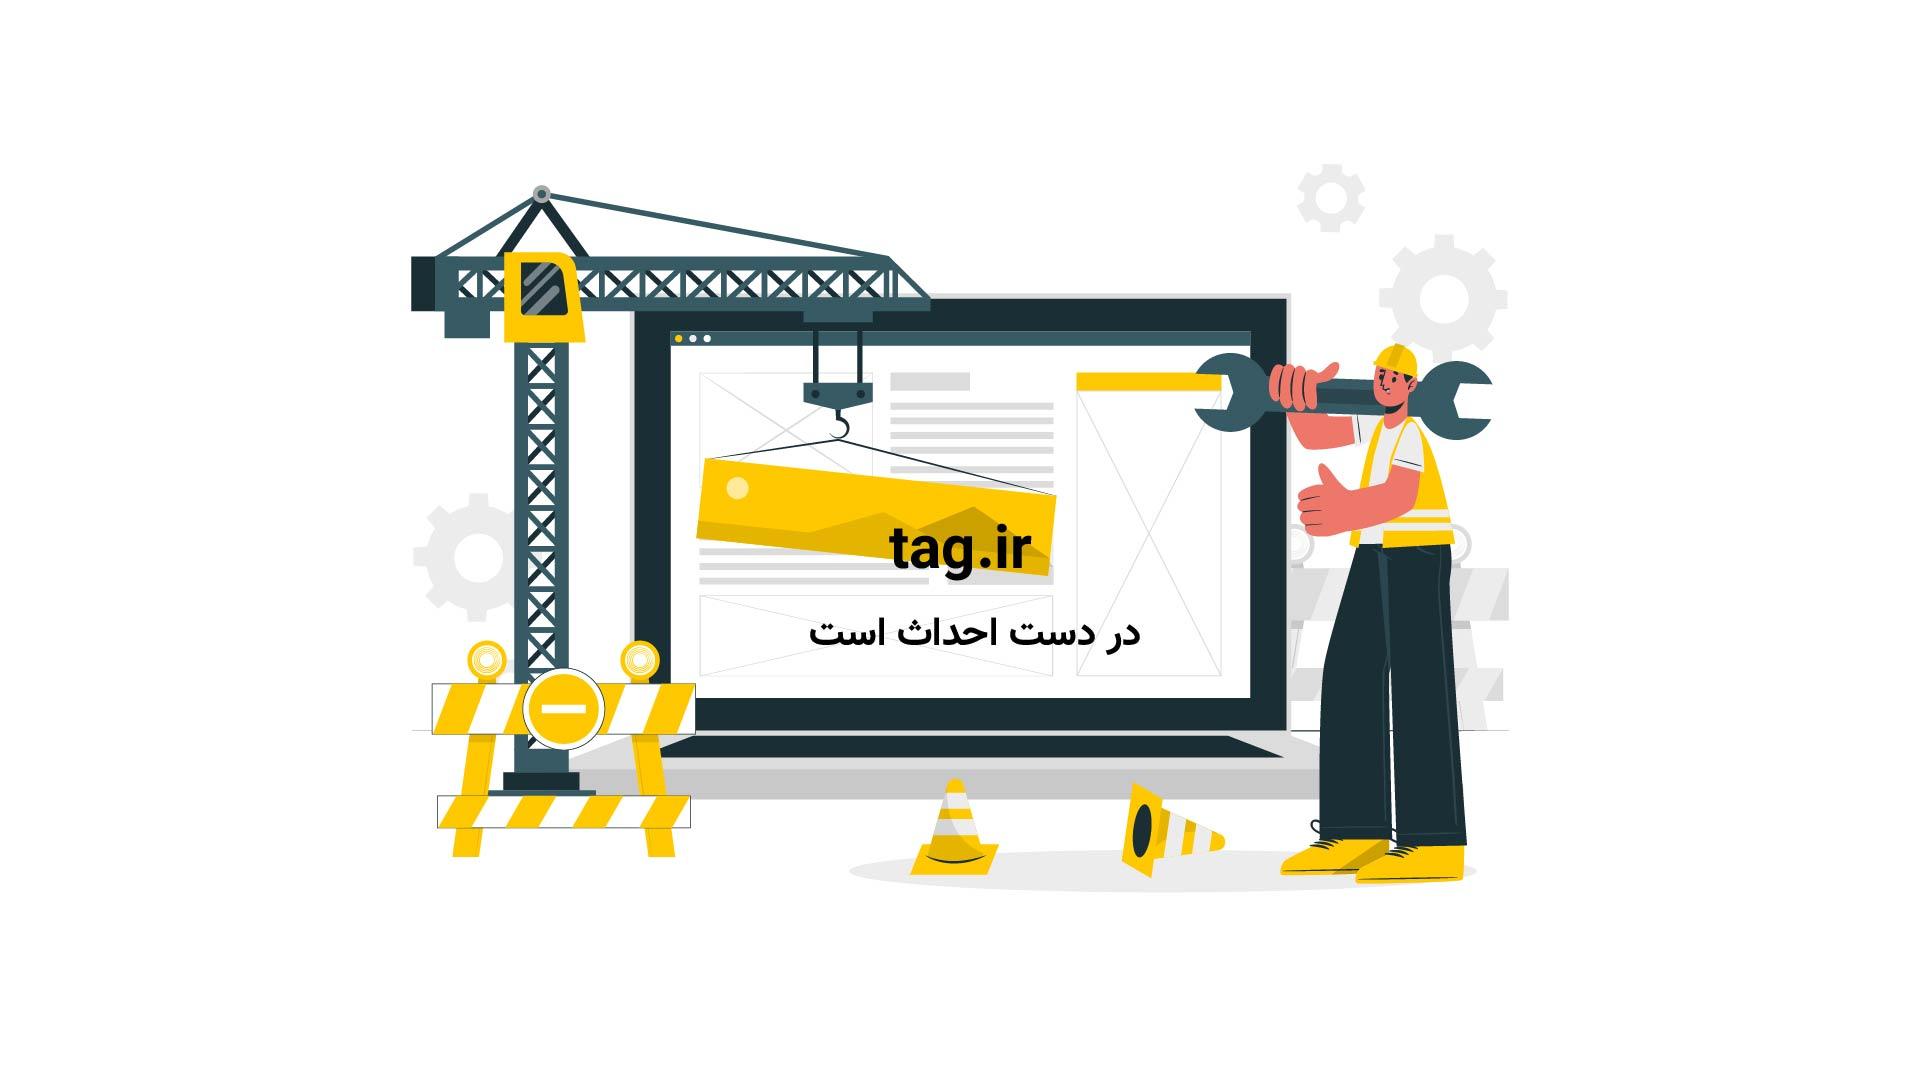 نبرد شیرها بر سر شکار | فیلم